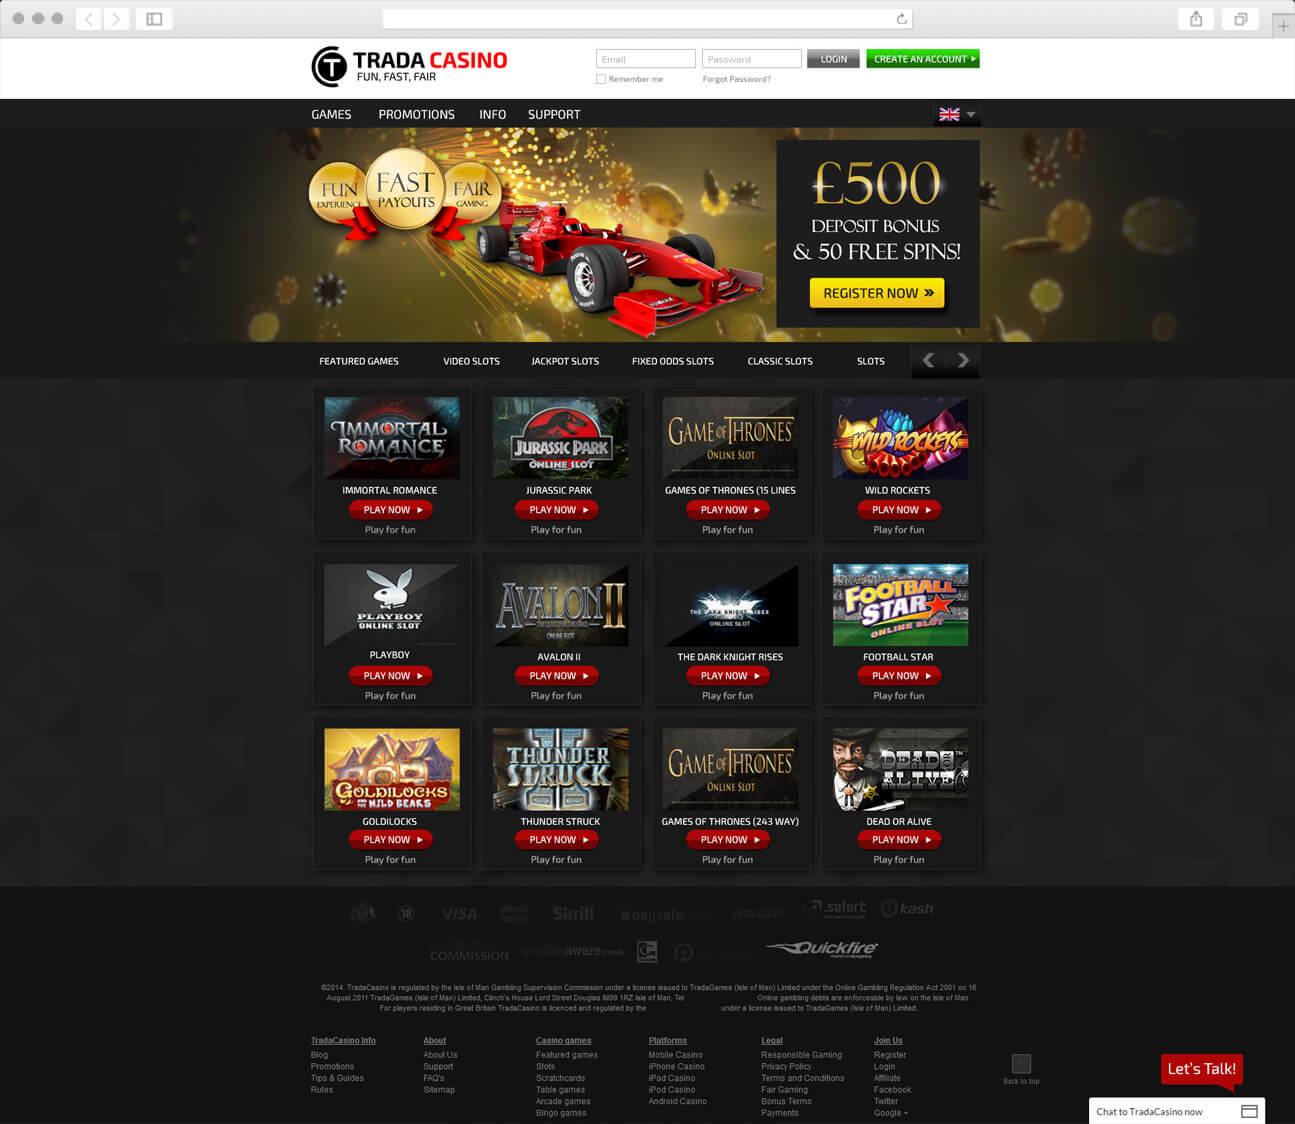 Home Page Design - TradaCasino.com